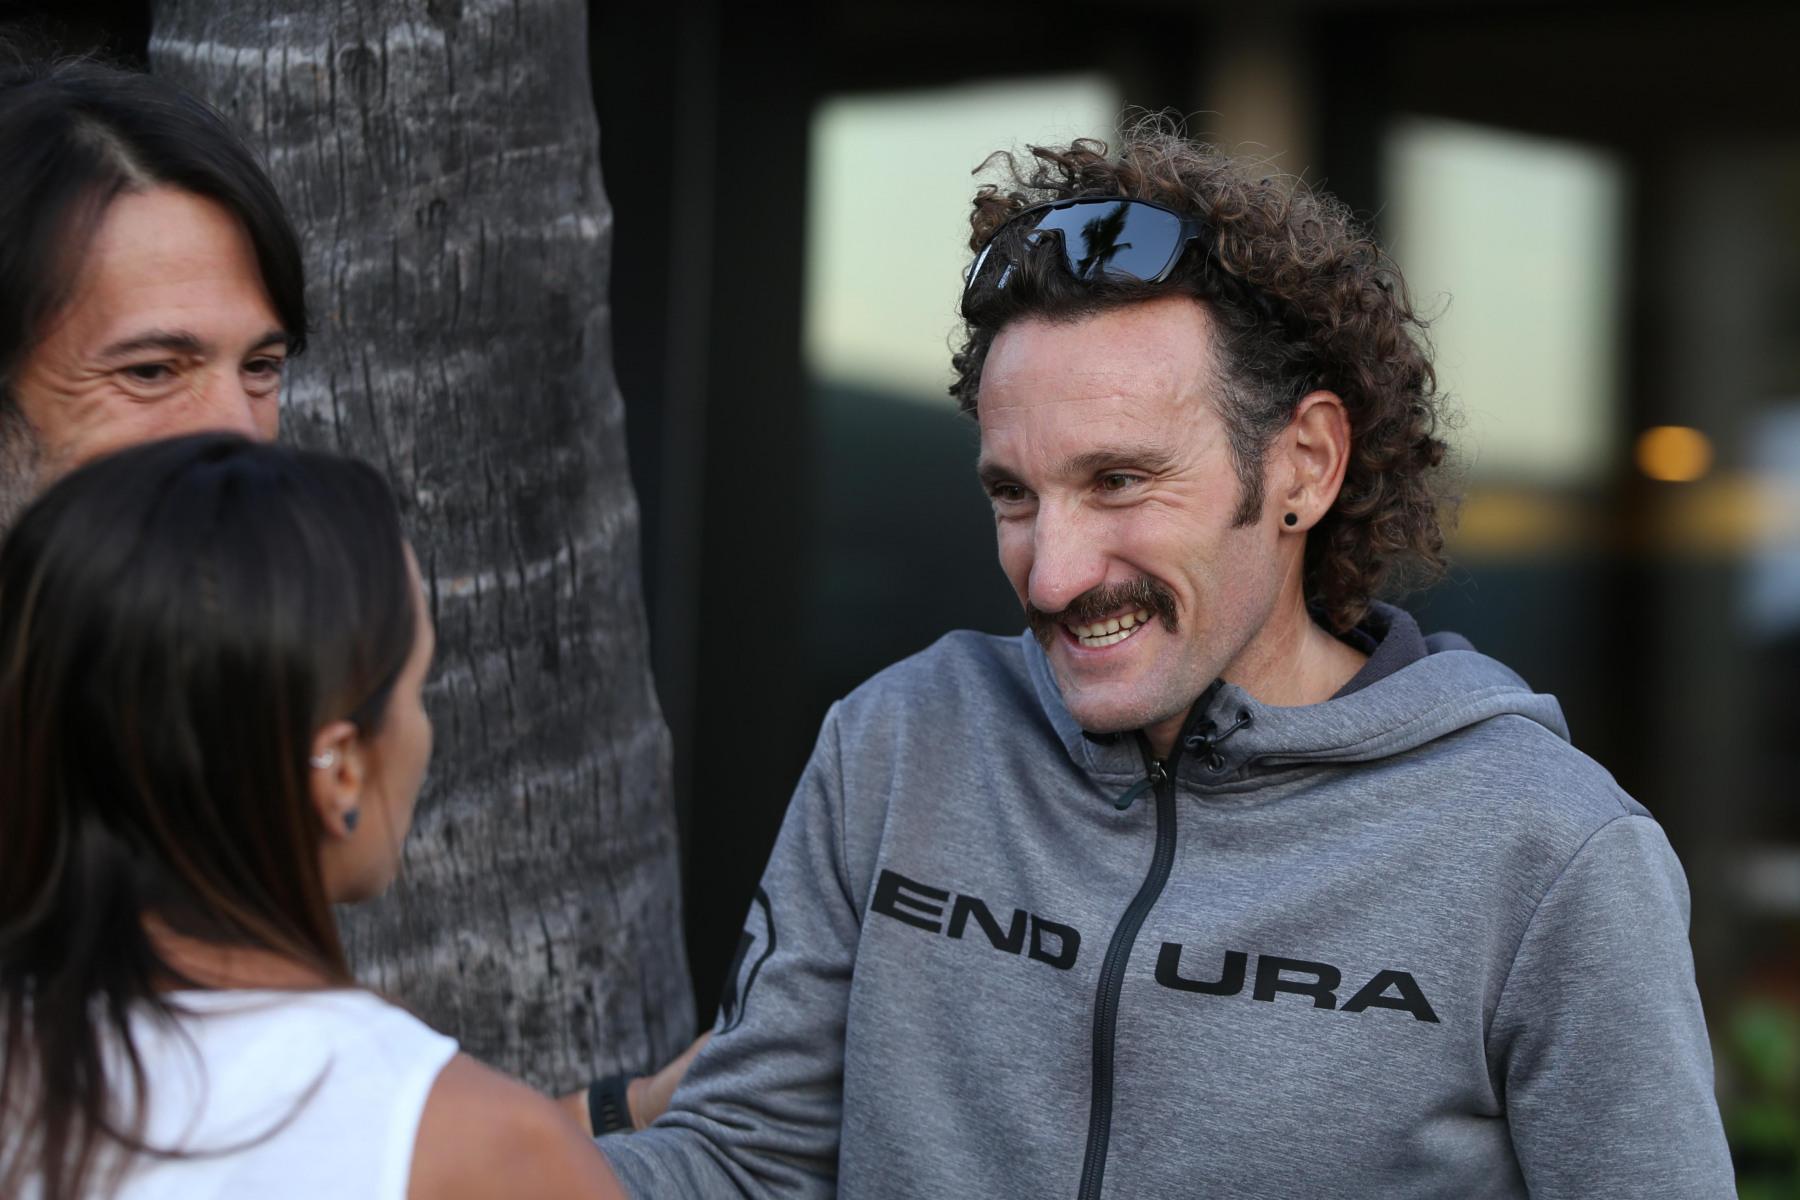 Tim Don startet zwar nicht bei der WM, ist aber als Mentor für die Athleten vom ZWIFT-Team vor Ort.